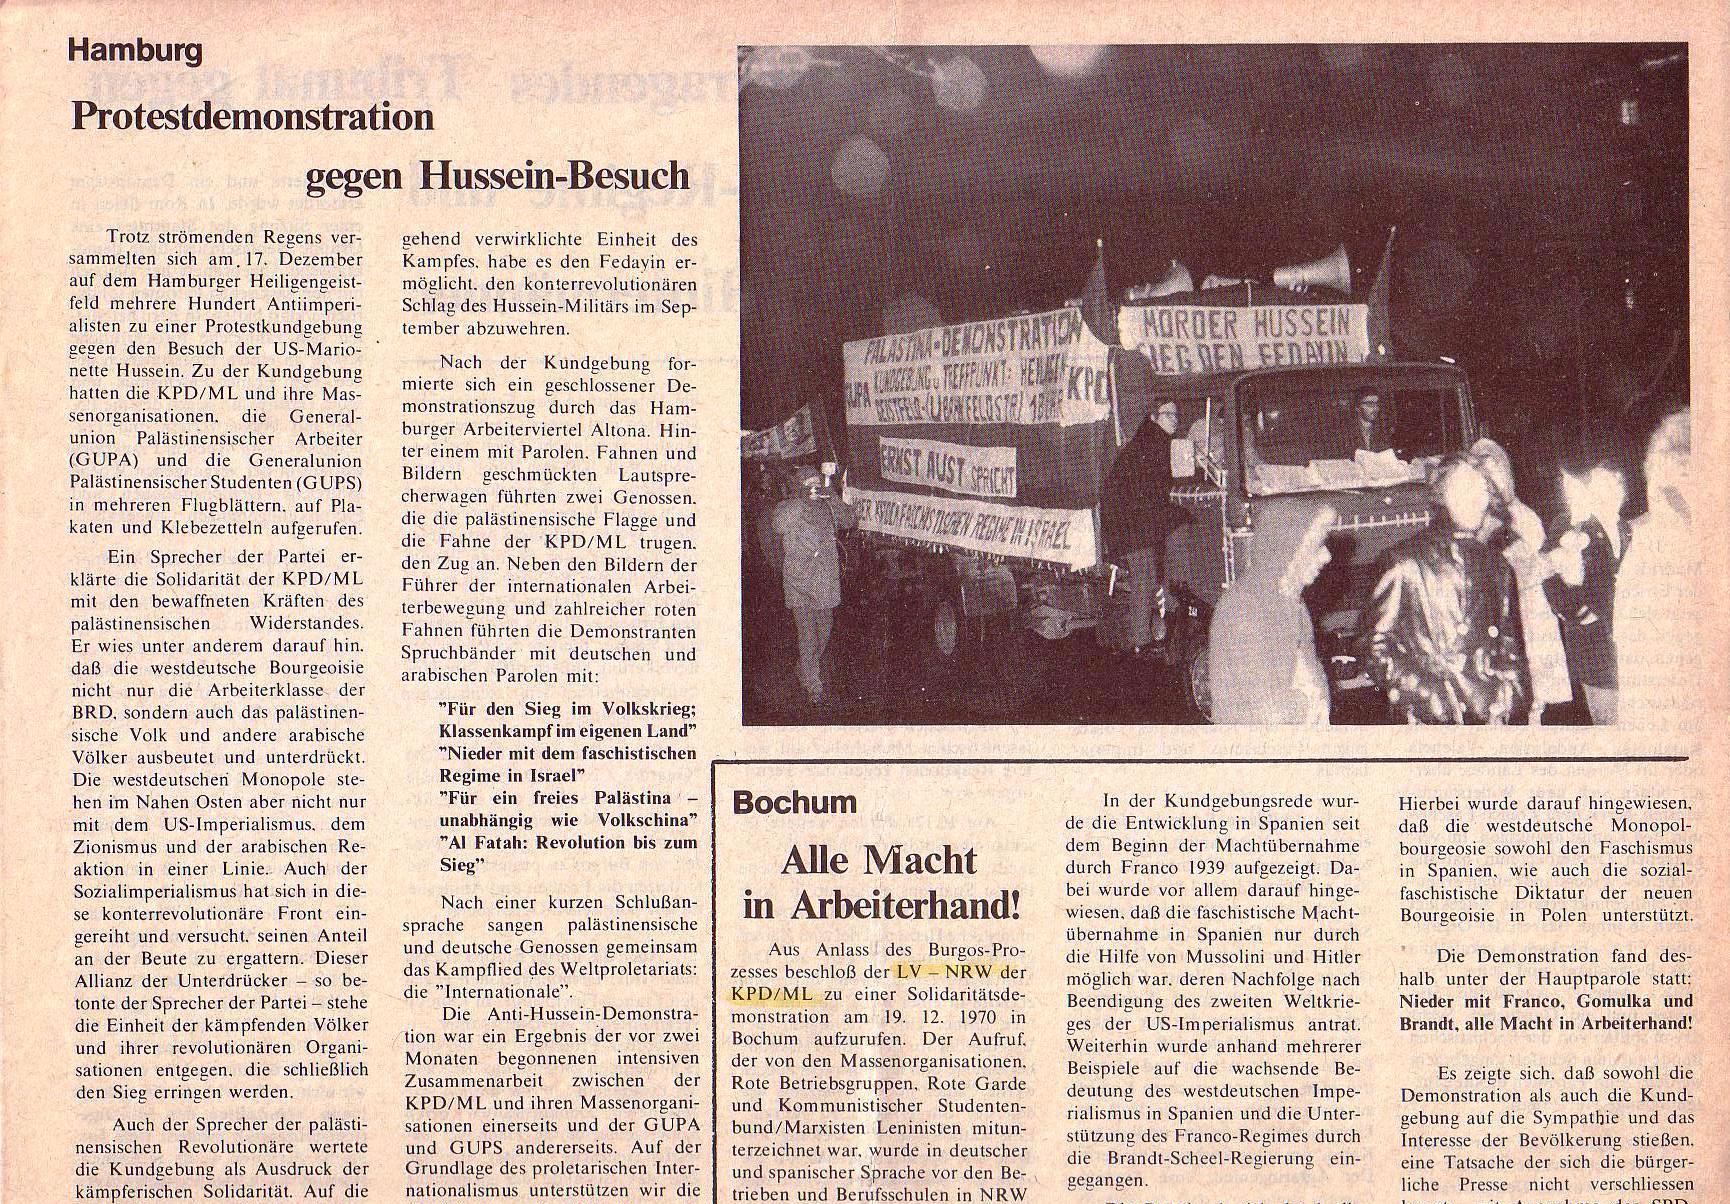 Roter Morgen, 5. Jg., Januar 1971, Nr. 1, Seite 5a